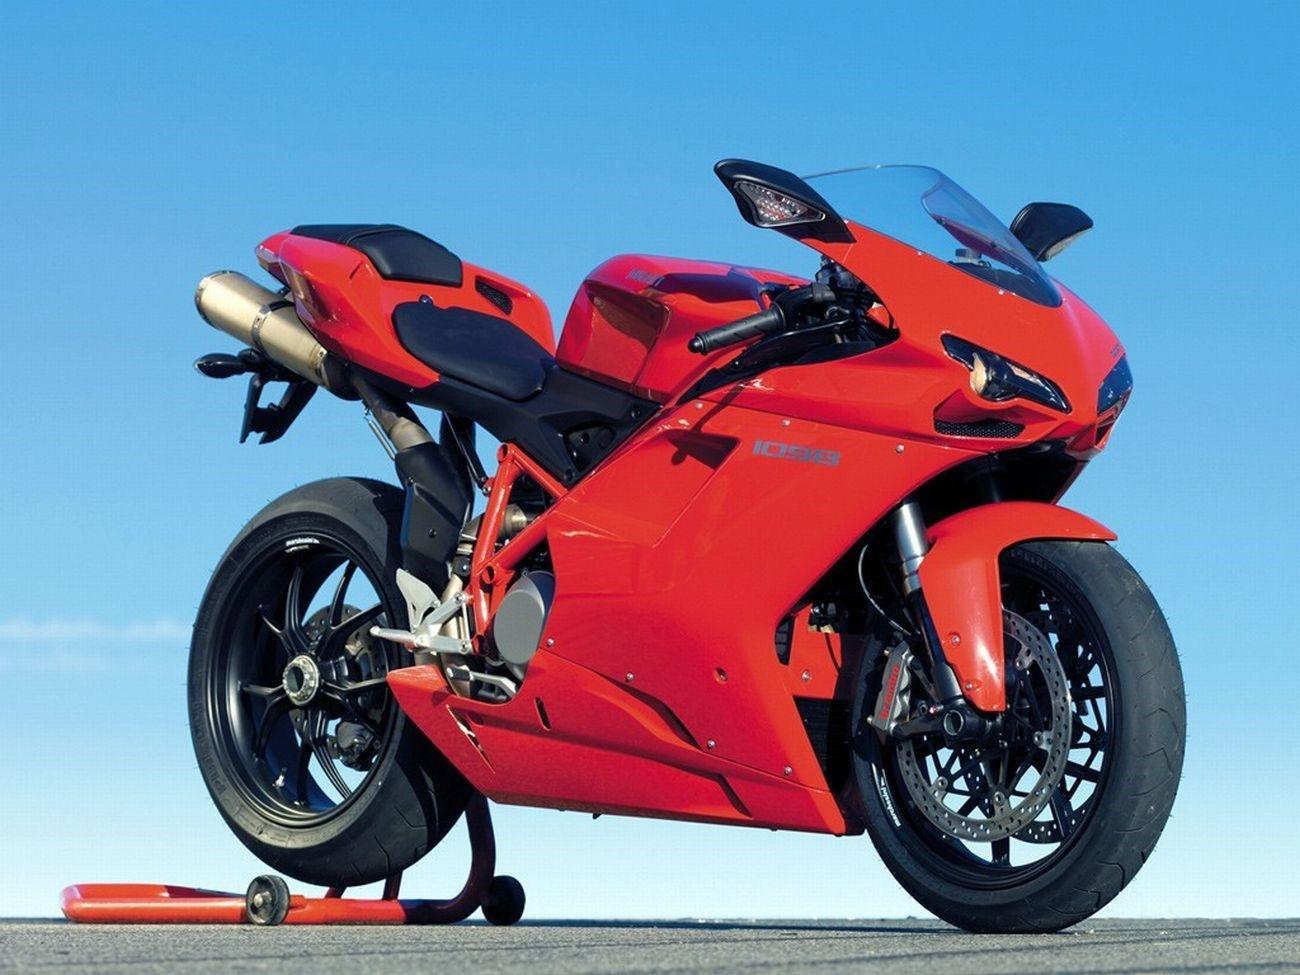 2008 Ducati 1098 Comparison